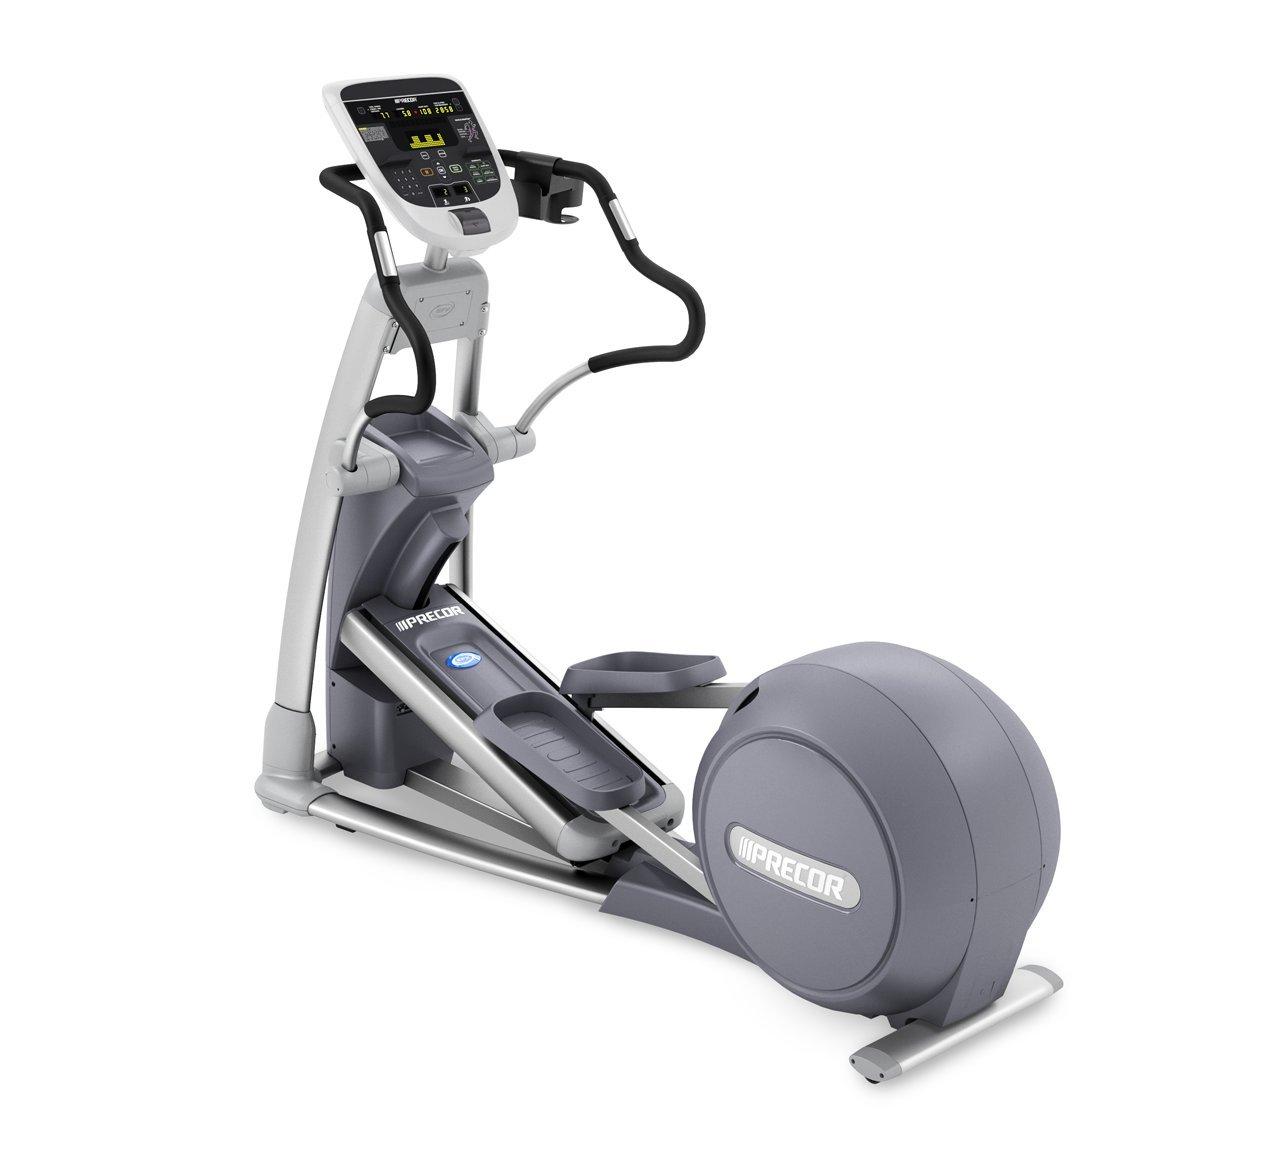 Precor EFX 833 Commercial Series Elliptical Fitness Crosstrainer